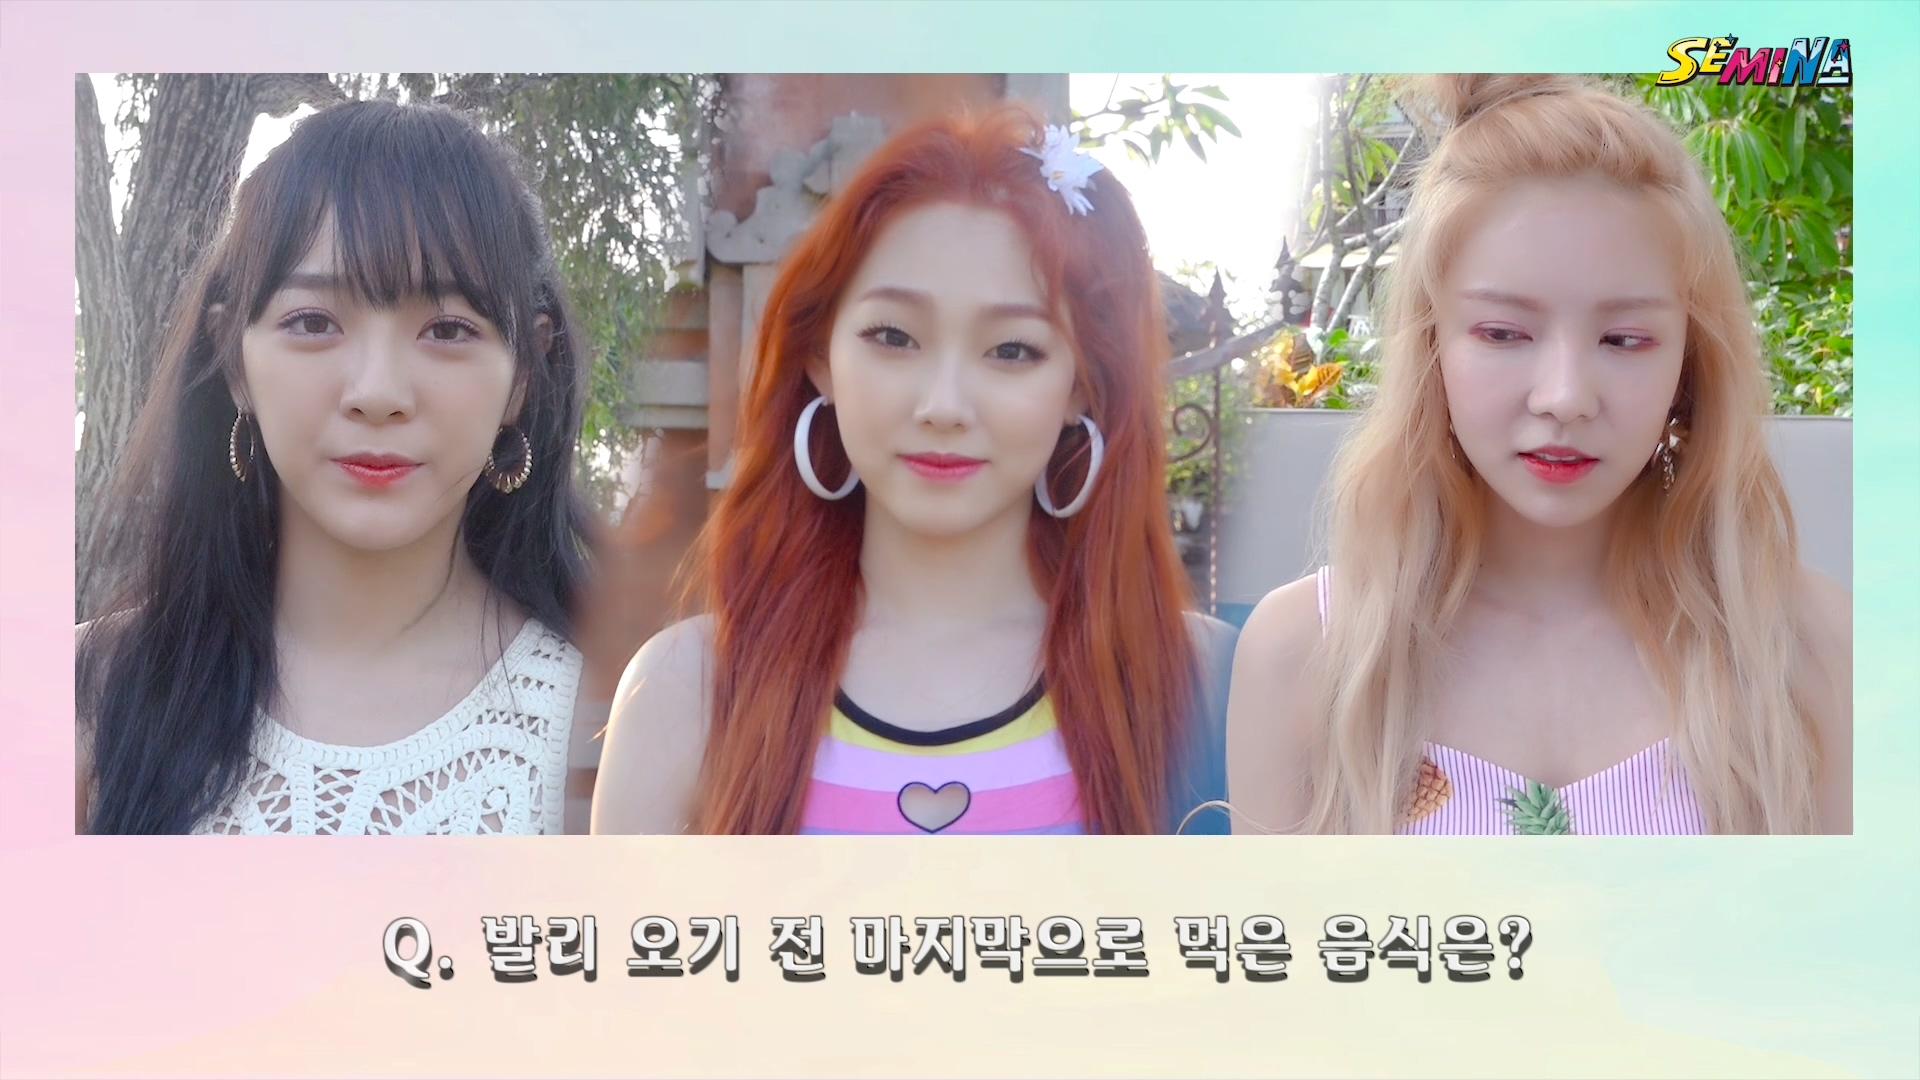 gugudan SEMINA (구구단 세미나) FAST-ER-VIEW [자켓 촬영 현장]